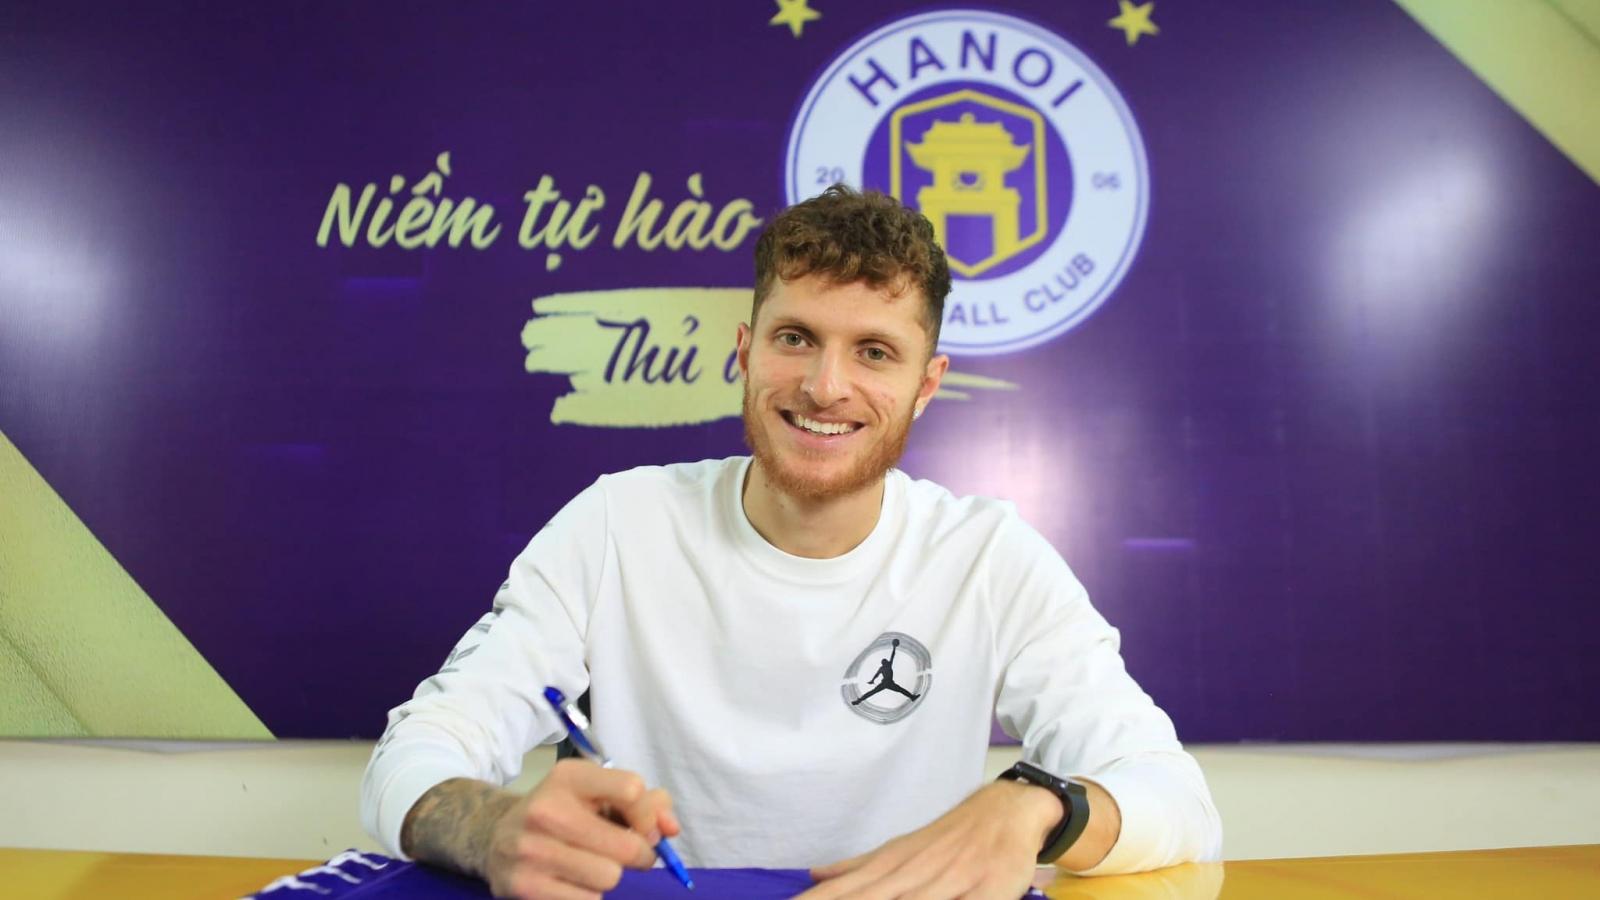 """Tiền đạo Geovane: """"Mọi cầu thủ ở V-League đều muốn khoác áo Hà Nội FC"""""""